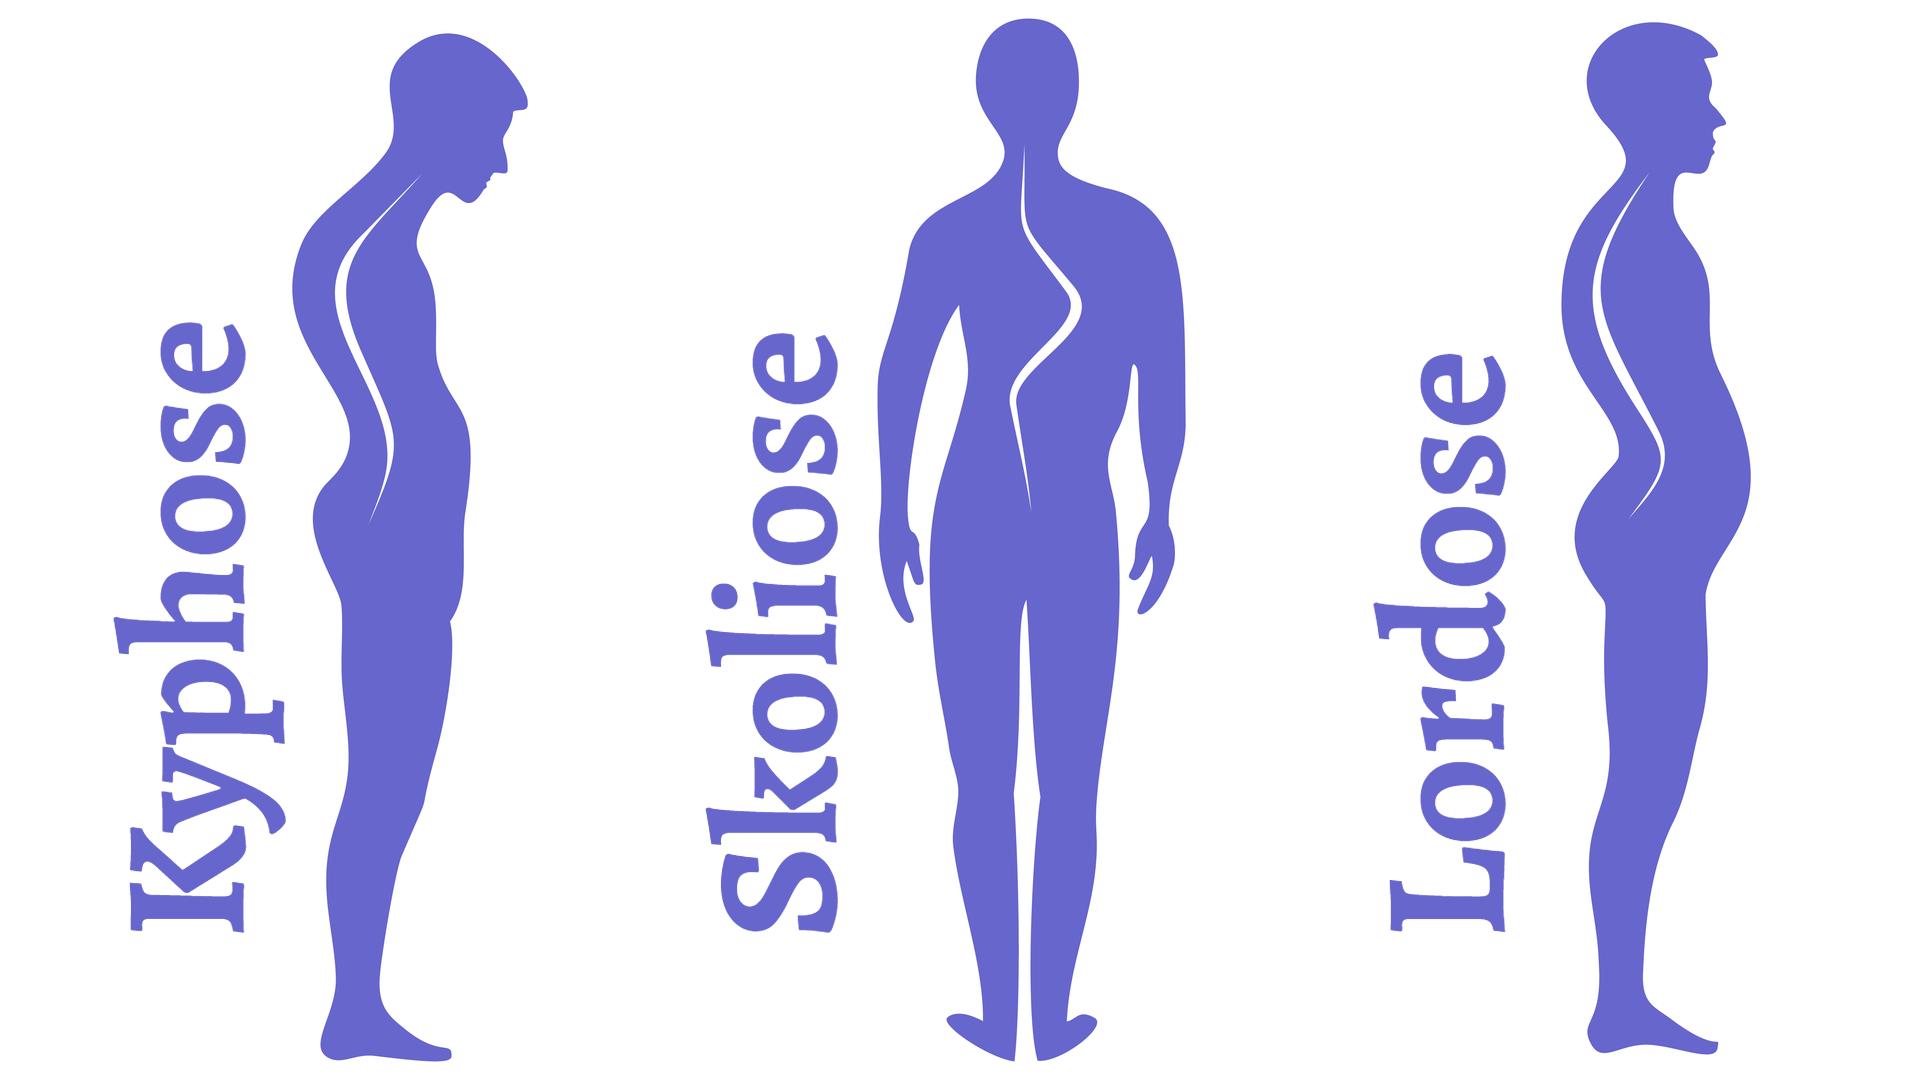 Erkrankungen der Wirbelsäule. Skoliose, Lordose und Kyphose. Körperhaltungsfehler. Menschliche Silhouetten einzeln auf Weiß, Vektorgrafik.